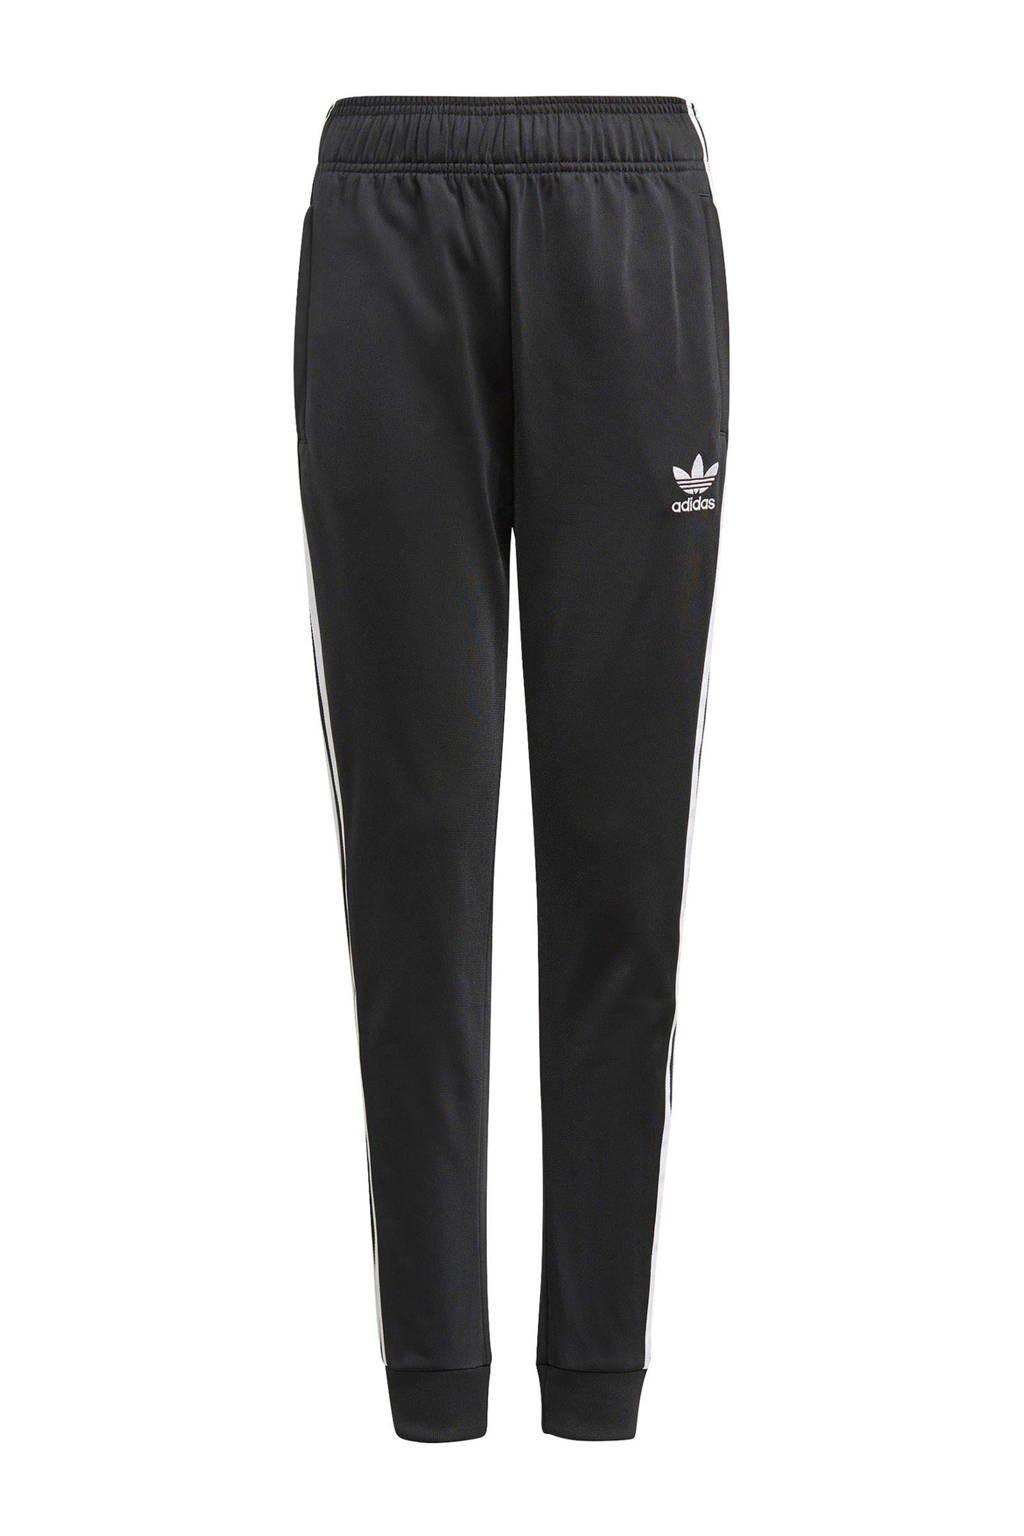 adidas Originals Superstar Adicolor joggingbroek zwart/wit, Zwart/wit